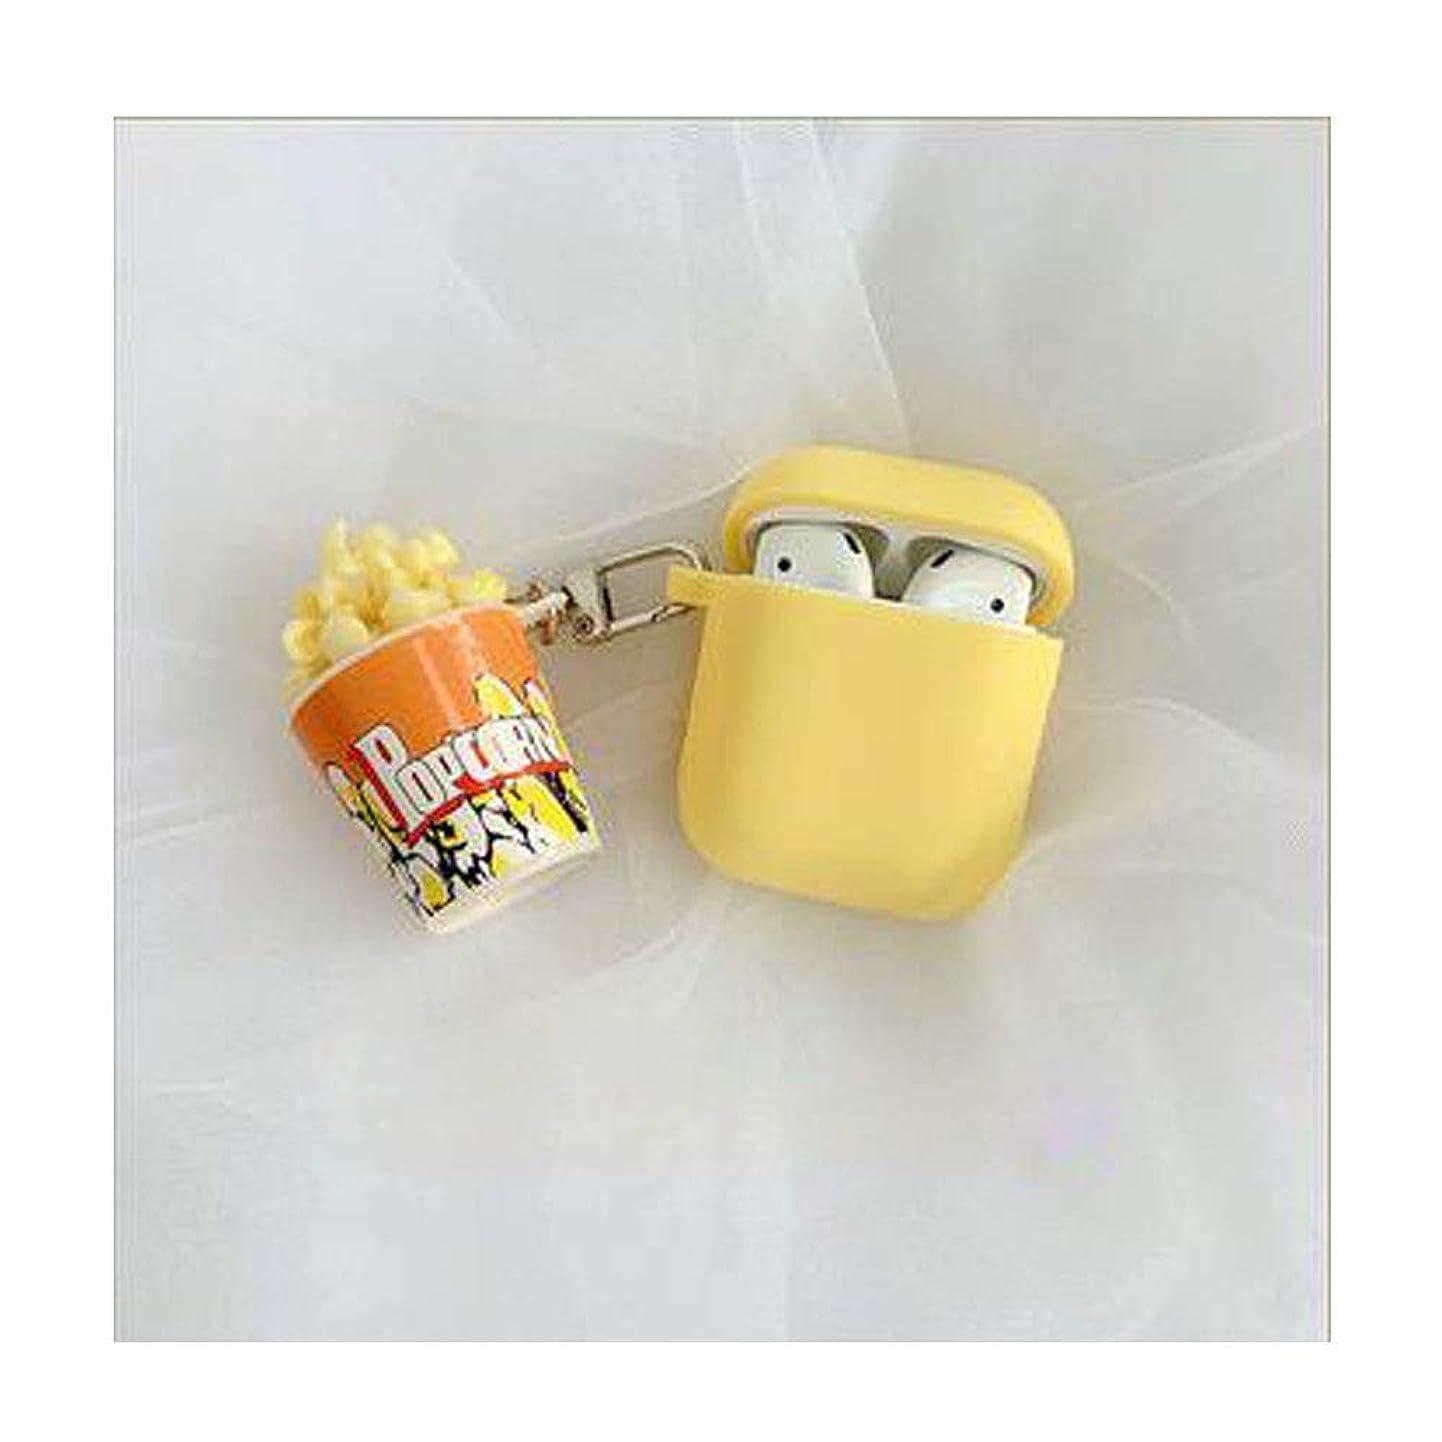 発生器人生を作る電極Gaoxingbianlidian001 Airpodsワイヤレスヘッドセット、ポップコーンAirpods保護シェル、1世代2世代ユニバーサルシリコン人格クリエイティブ女性男性保護カバー 絶妙な (Color : Yellow, PATTERN : A)